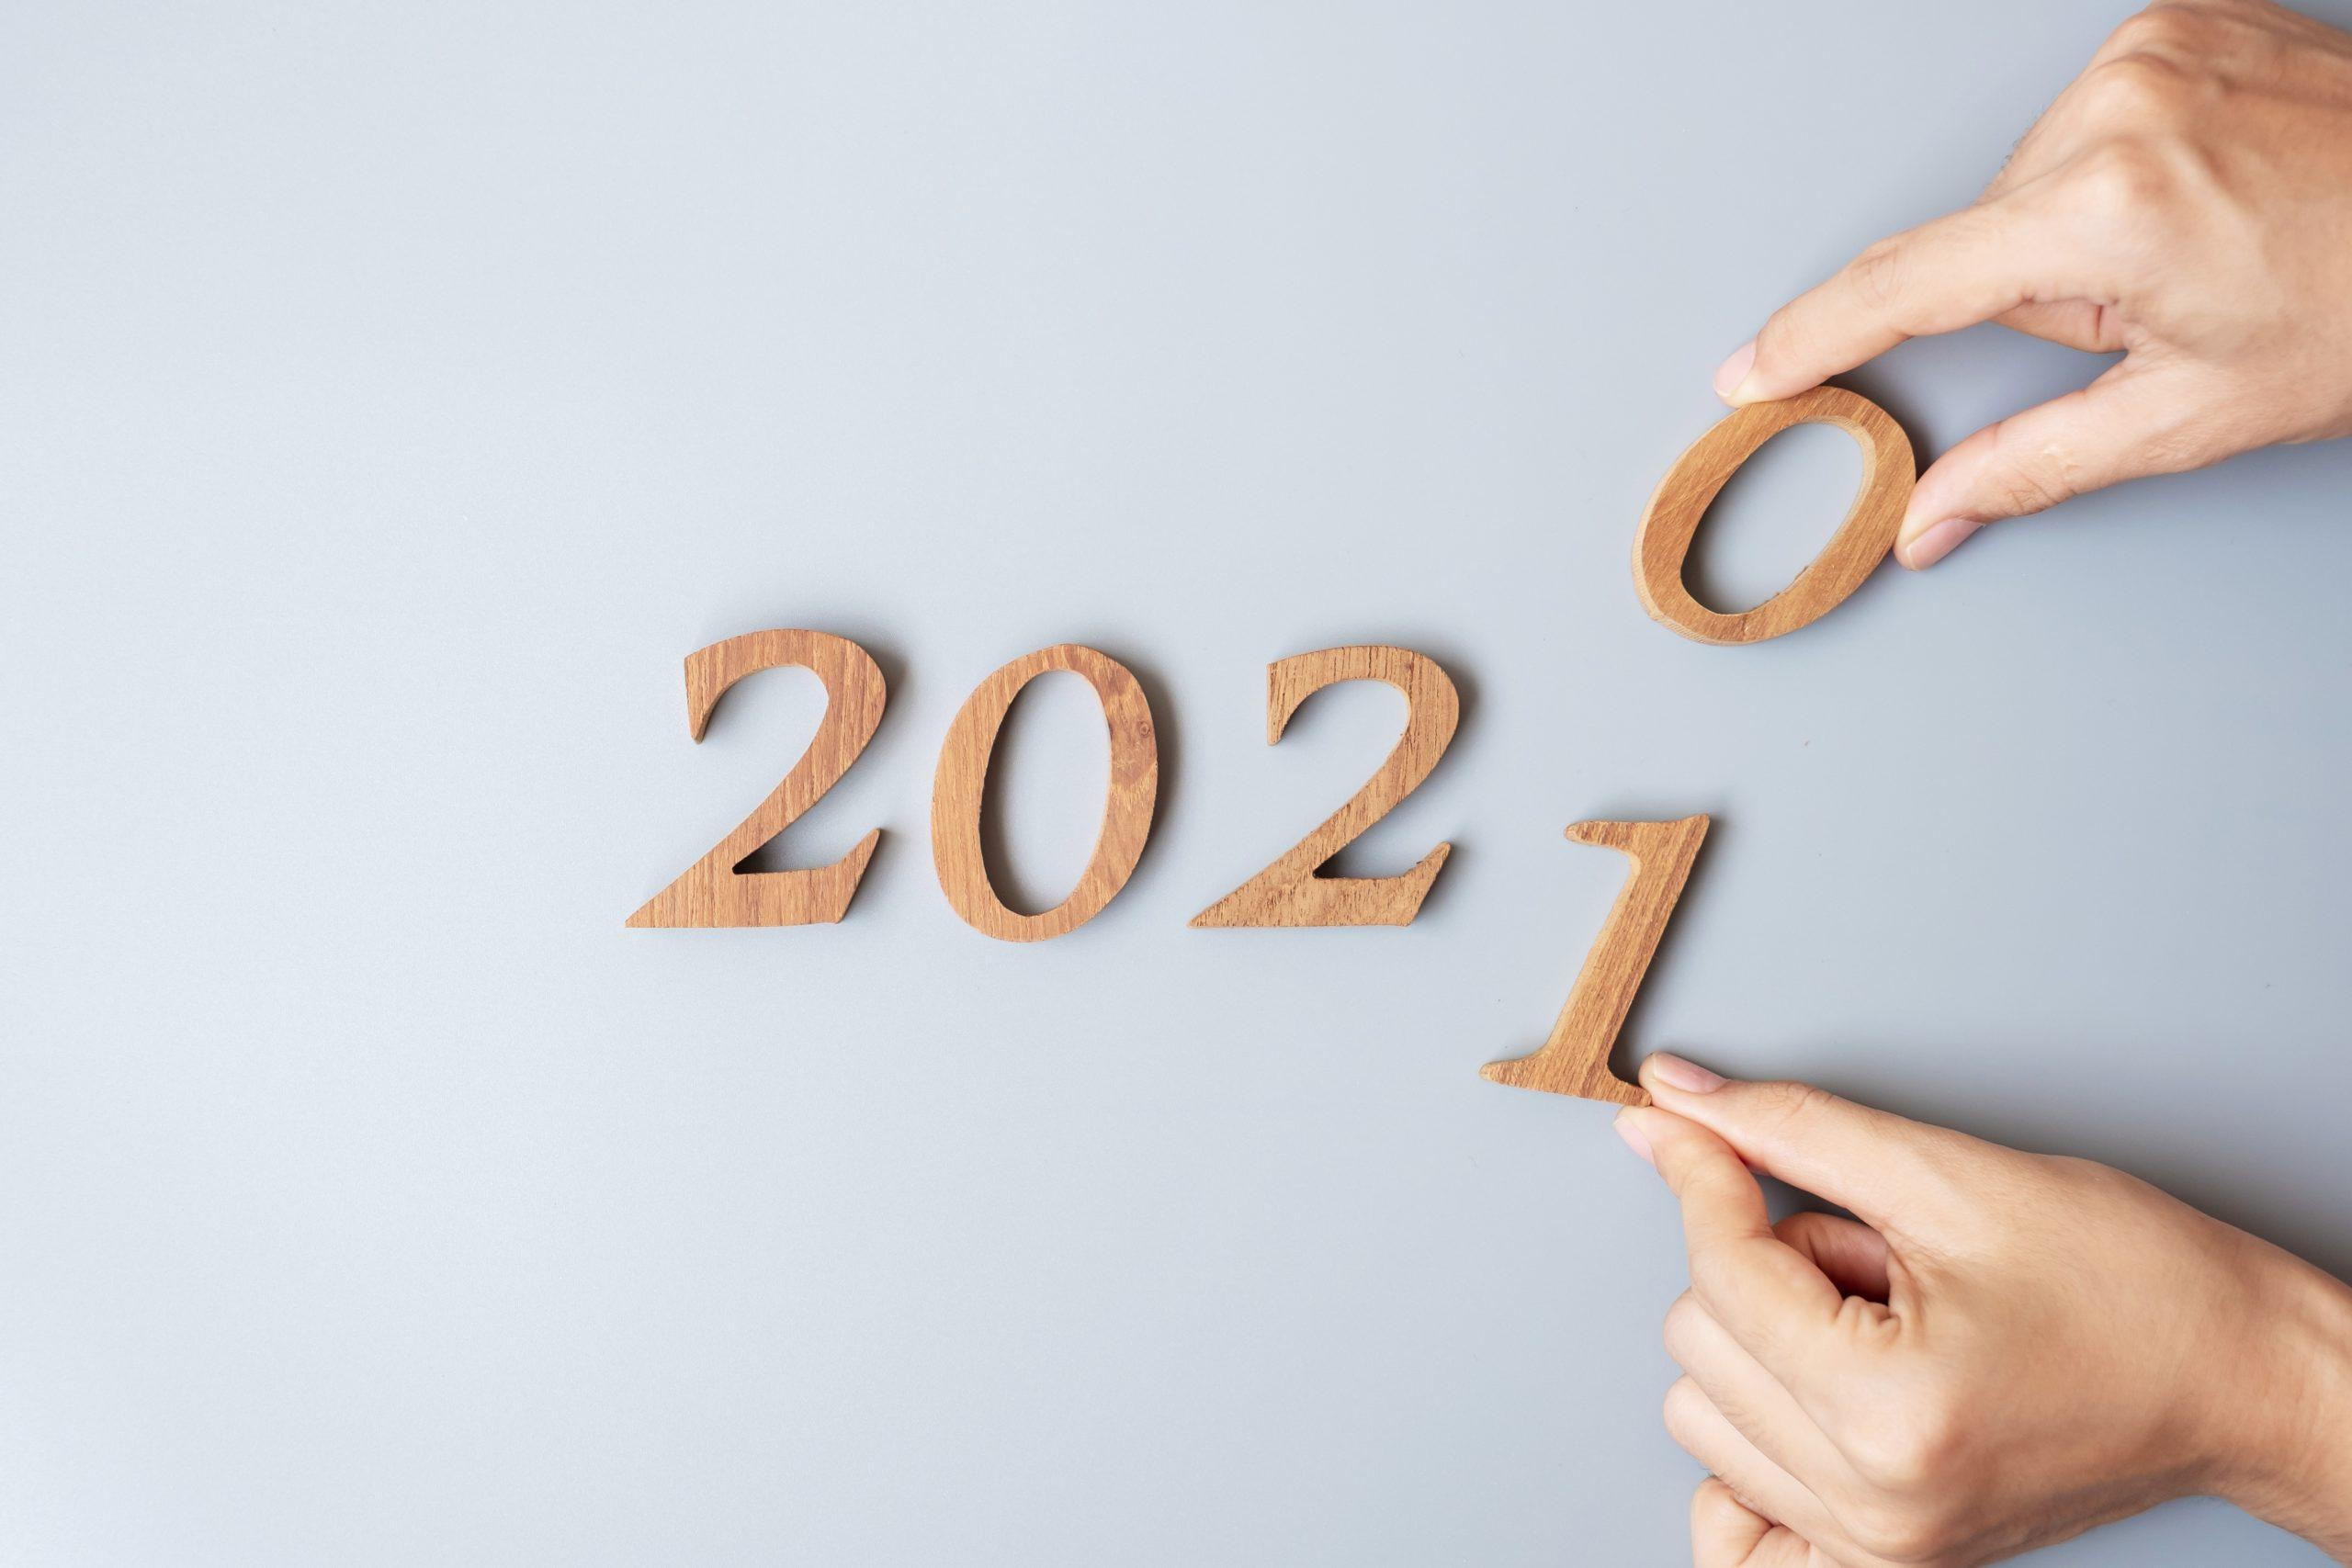 It was 2020: Cronaca semi-epica di un anno complicato